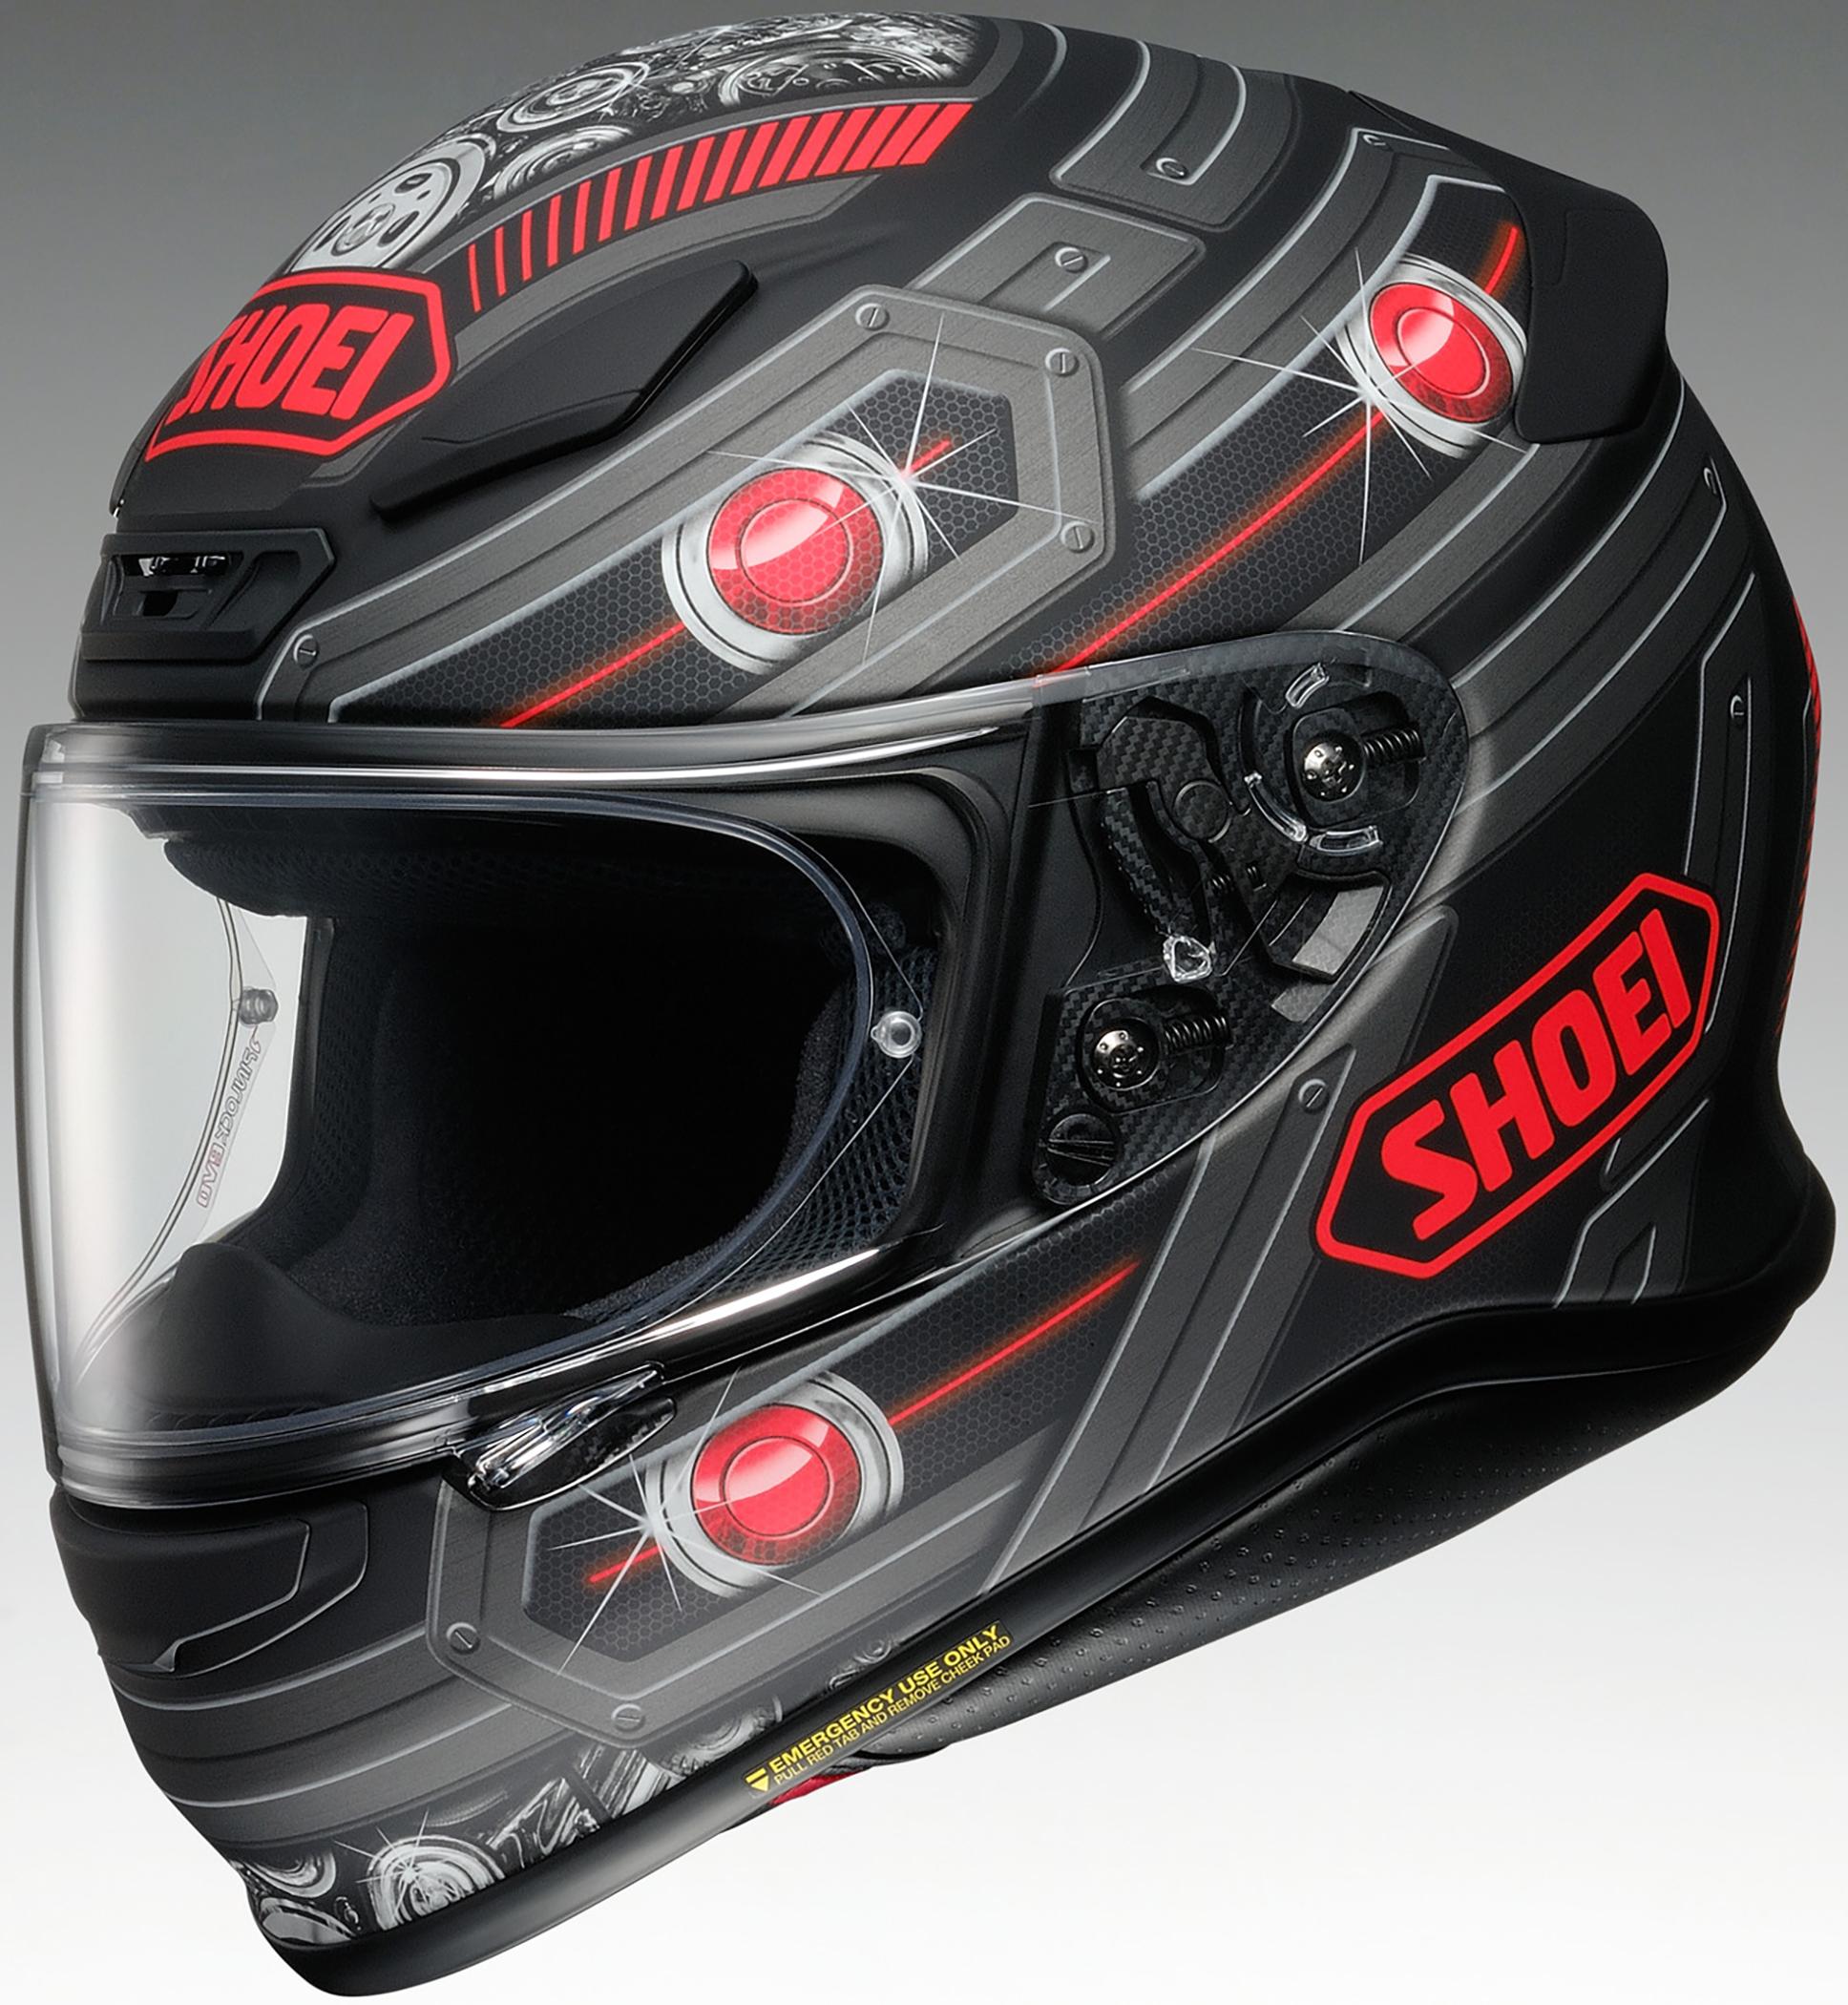 shoei rf 1200 trooper motorcycle street helmet 2018 ebay. Black Bedroom Furniture Sets. Home Design Ideas